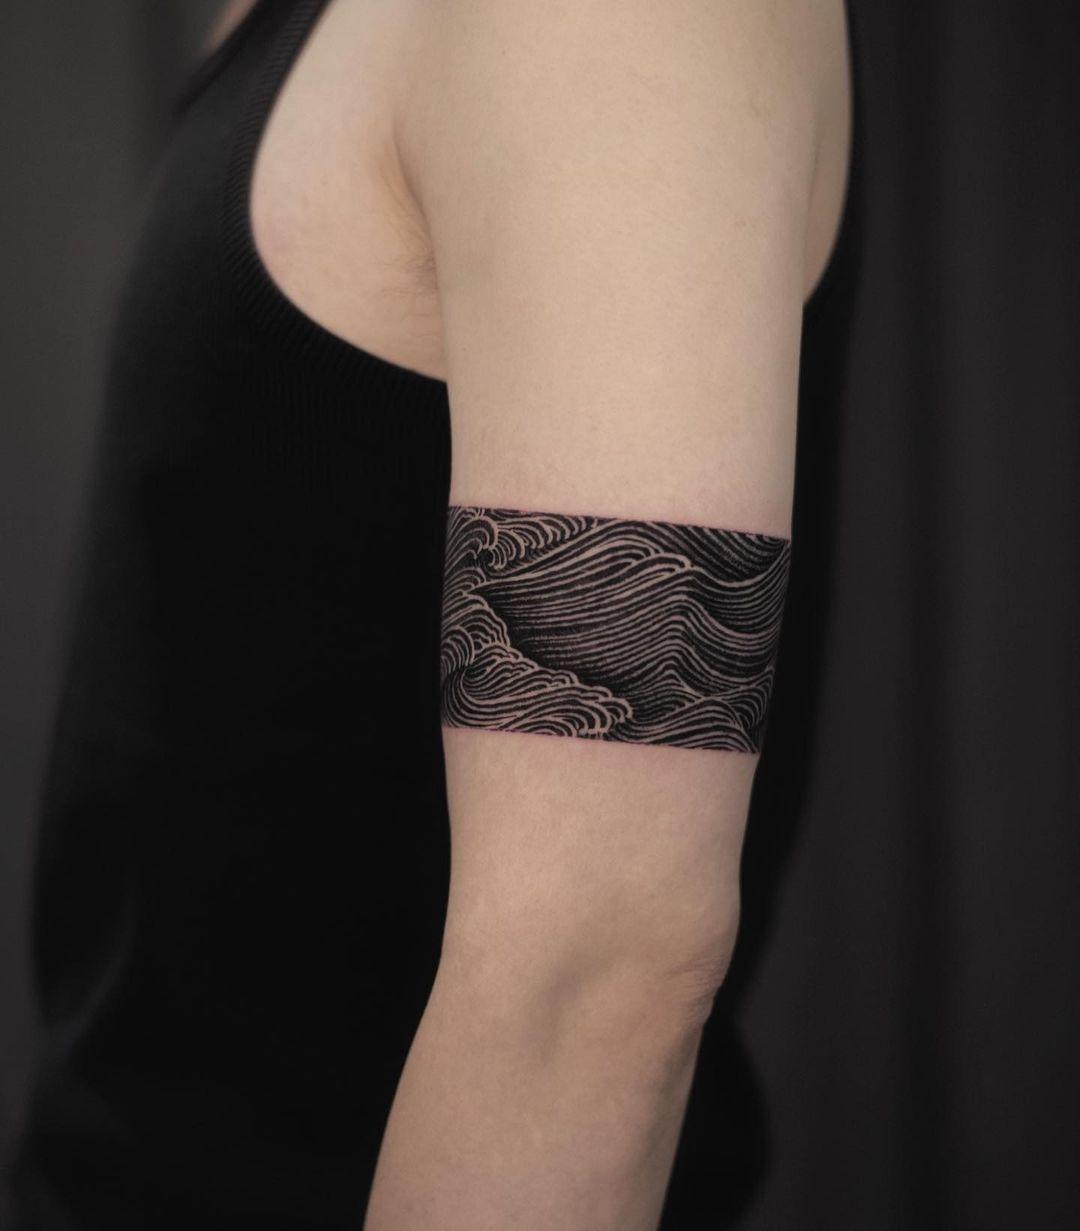 Black wave by tattooist Arang Eleven